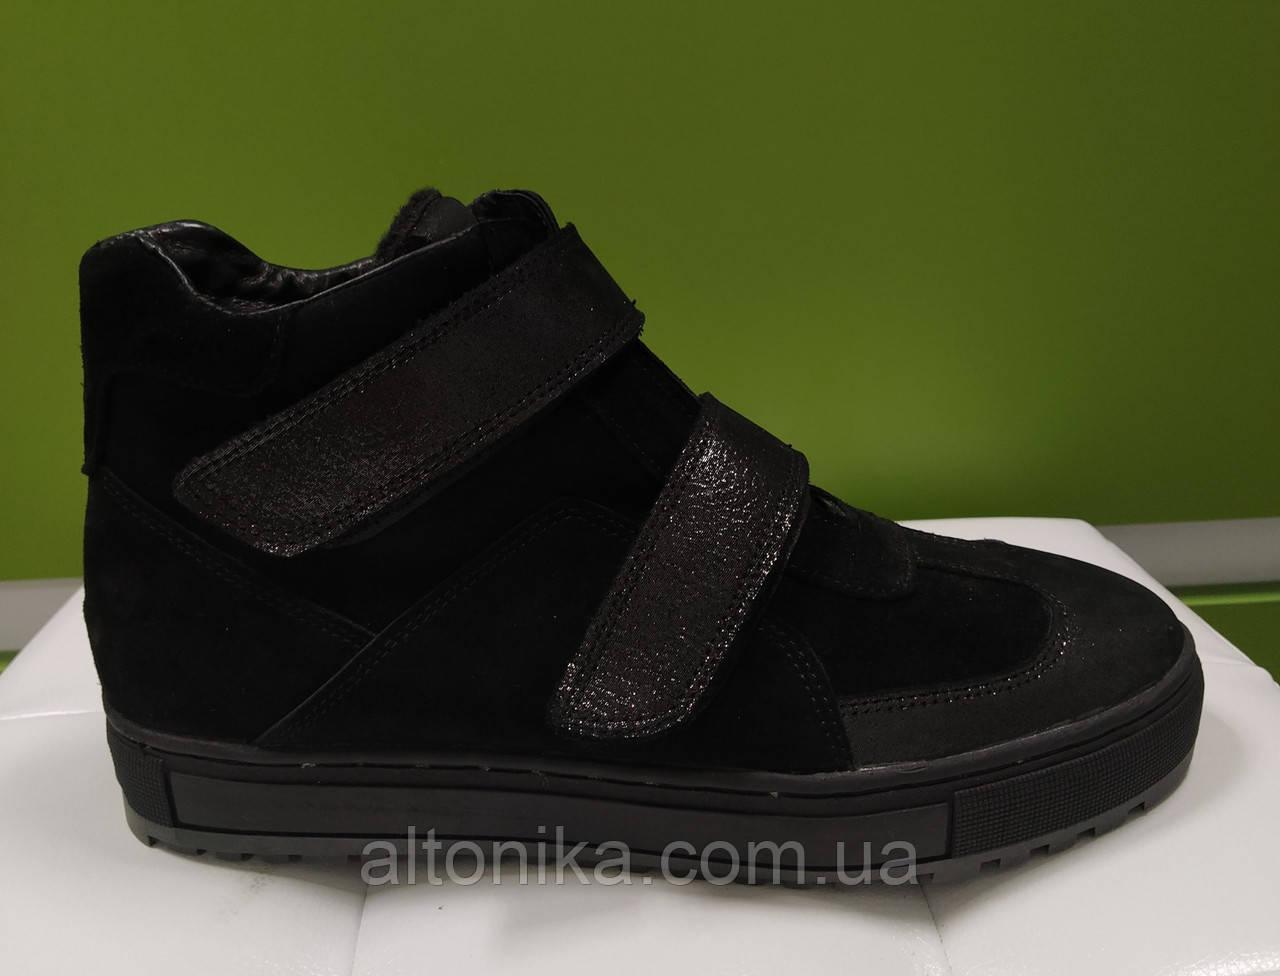 STTOPA 44р зима! Размеры 40-45! Ботинки кожаные на широкую ногу больших размеров! С9-40-4045-33-4045